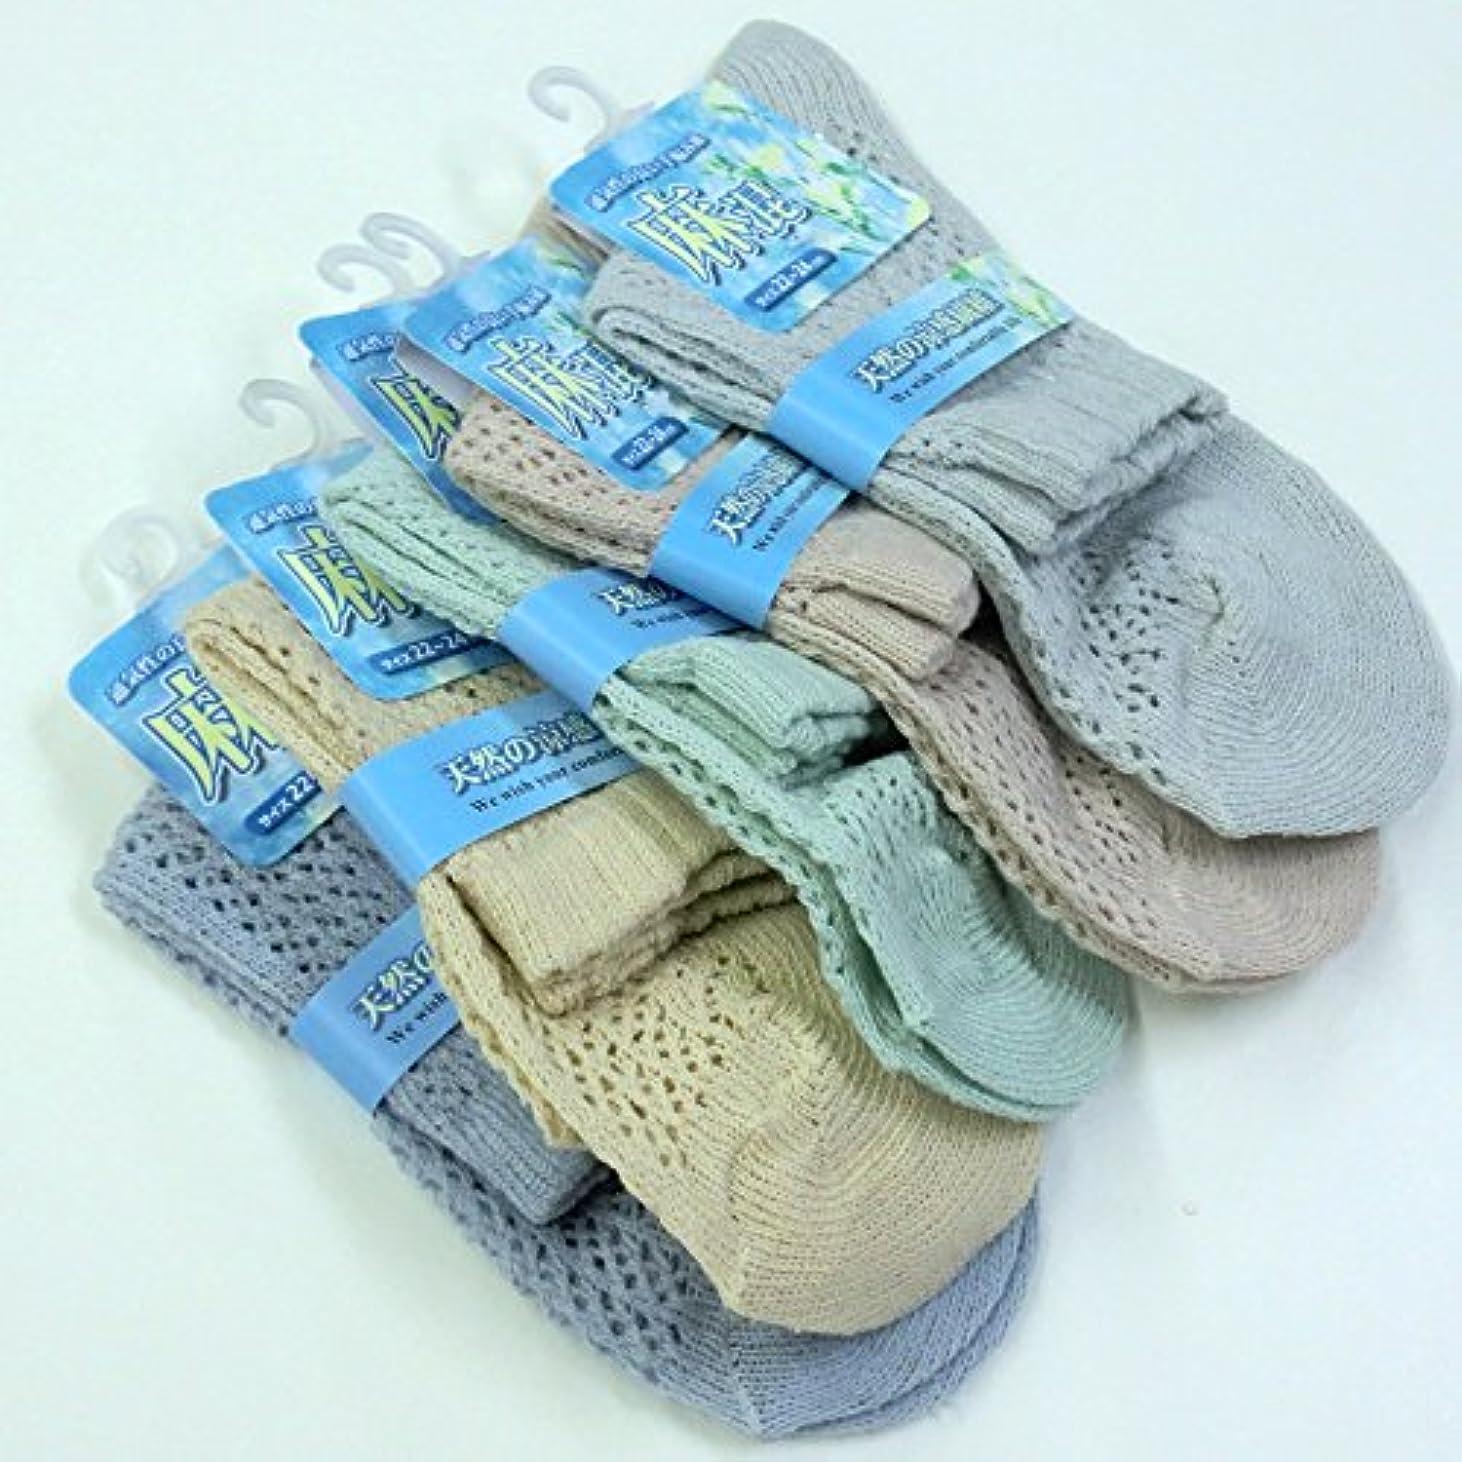 非行オーバーランお嬢靴下 レディース 麻混 涼しいルミーソックス おしゃれ手編み風 5色5足組